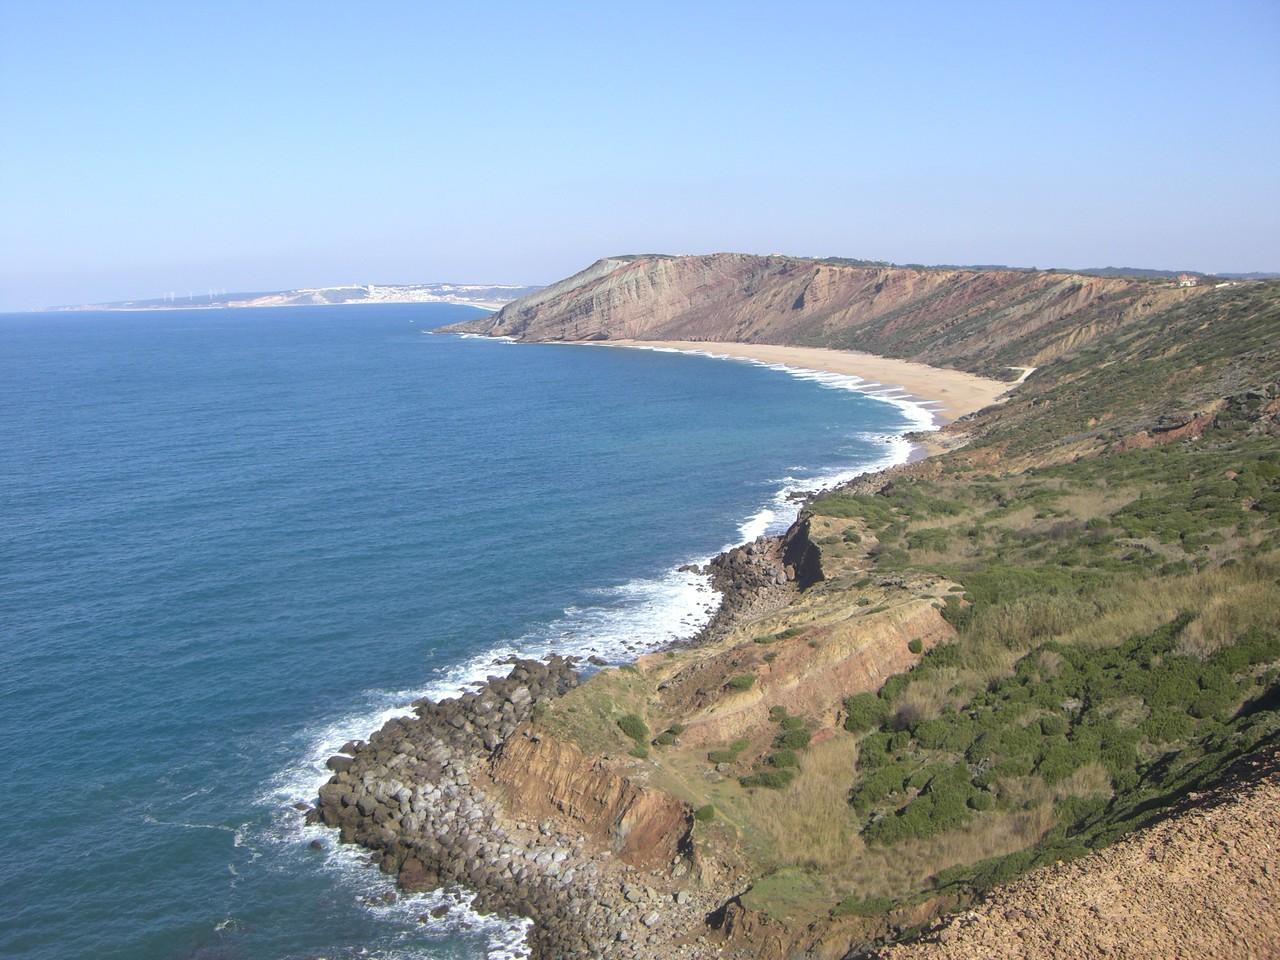 Praia del Gralha nahe Sao Martinho do Porto an der Costa de Prata